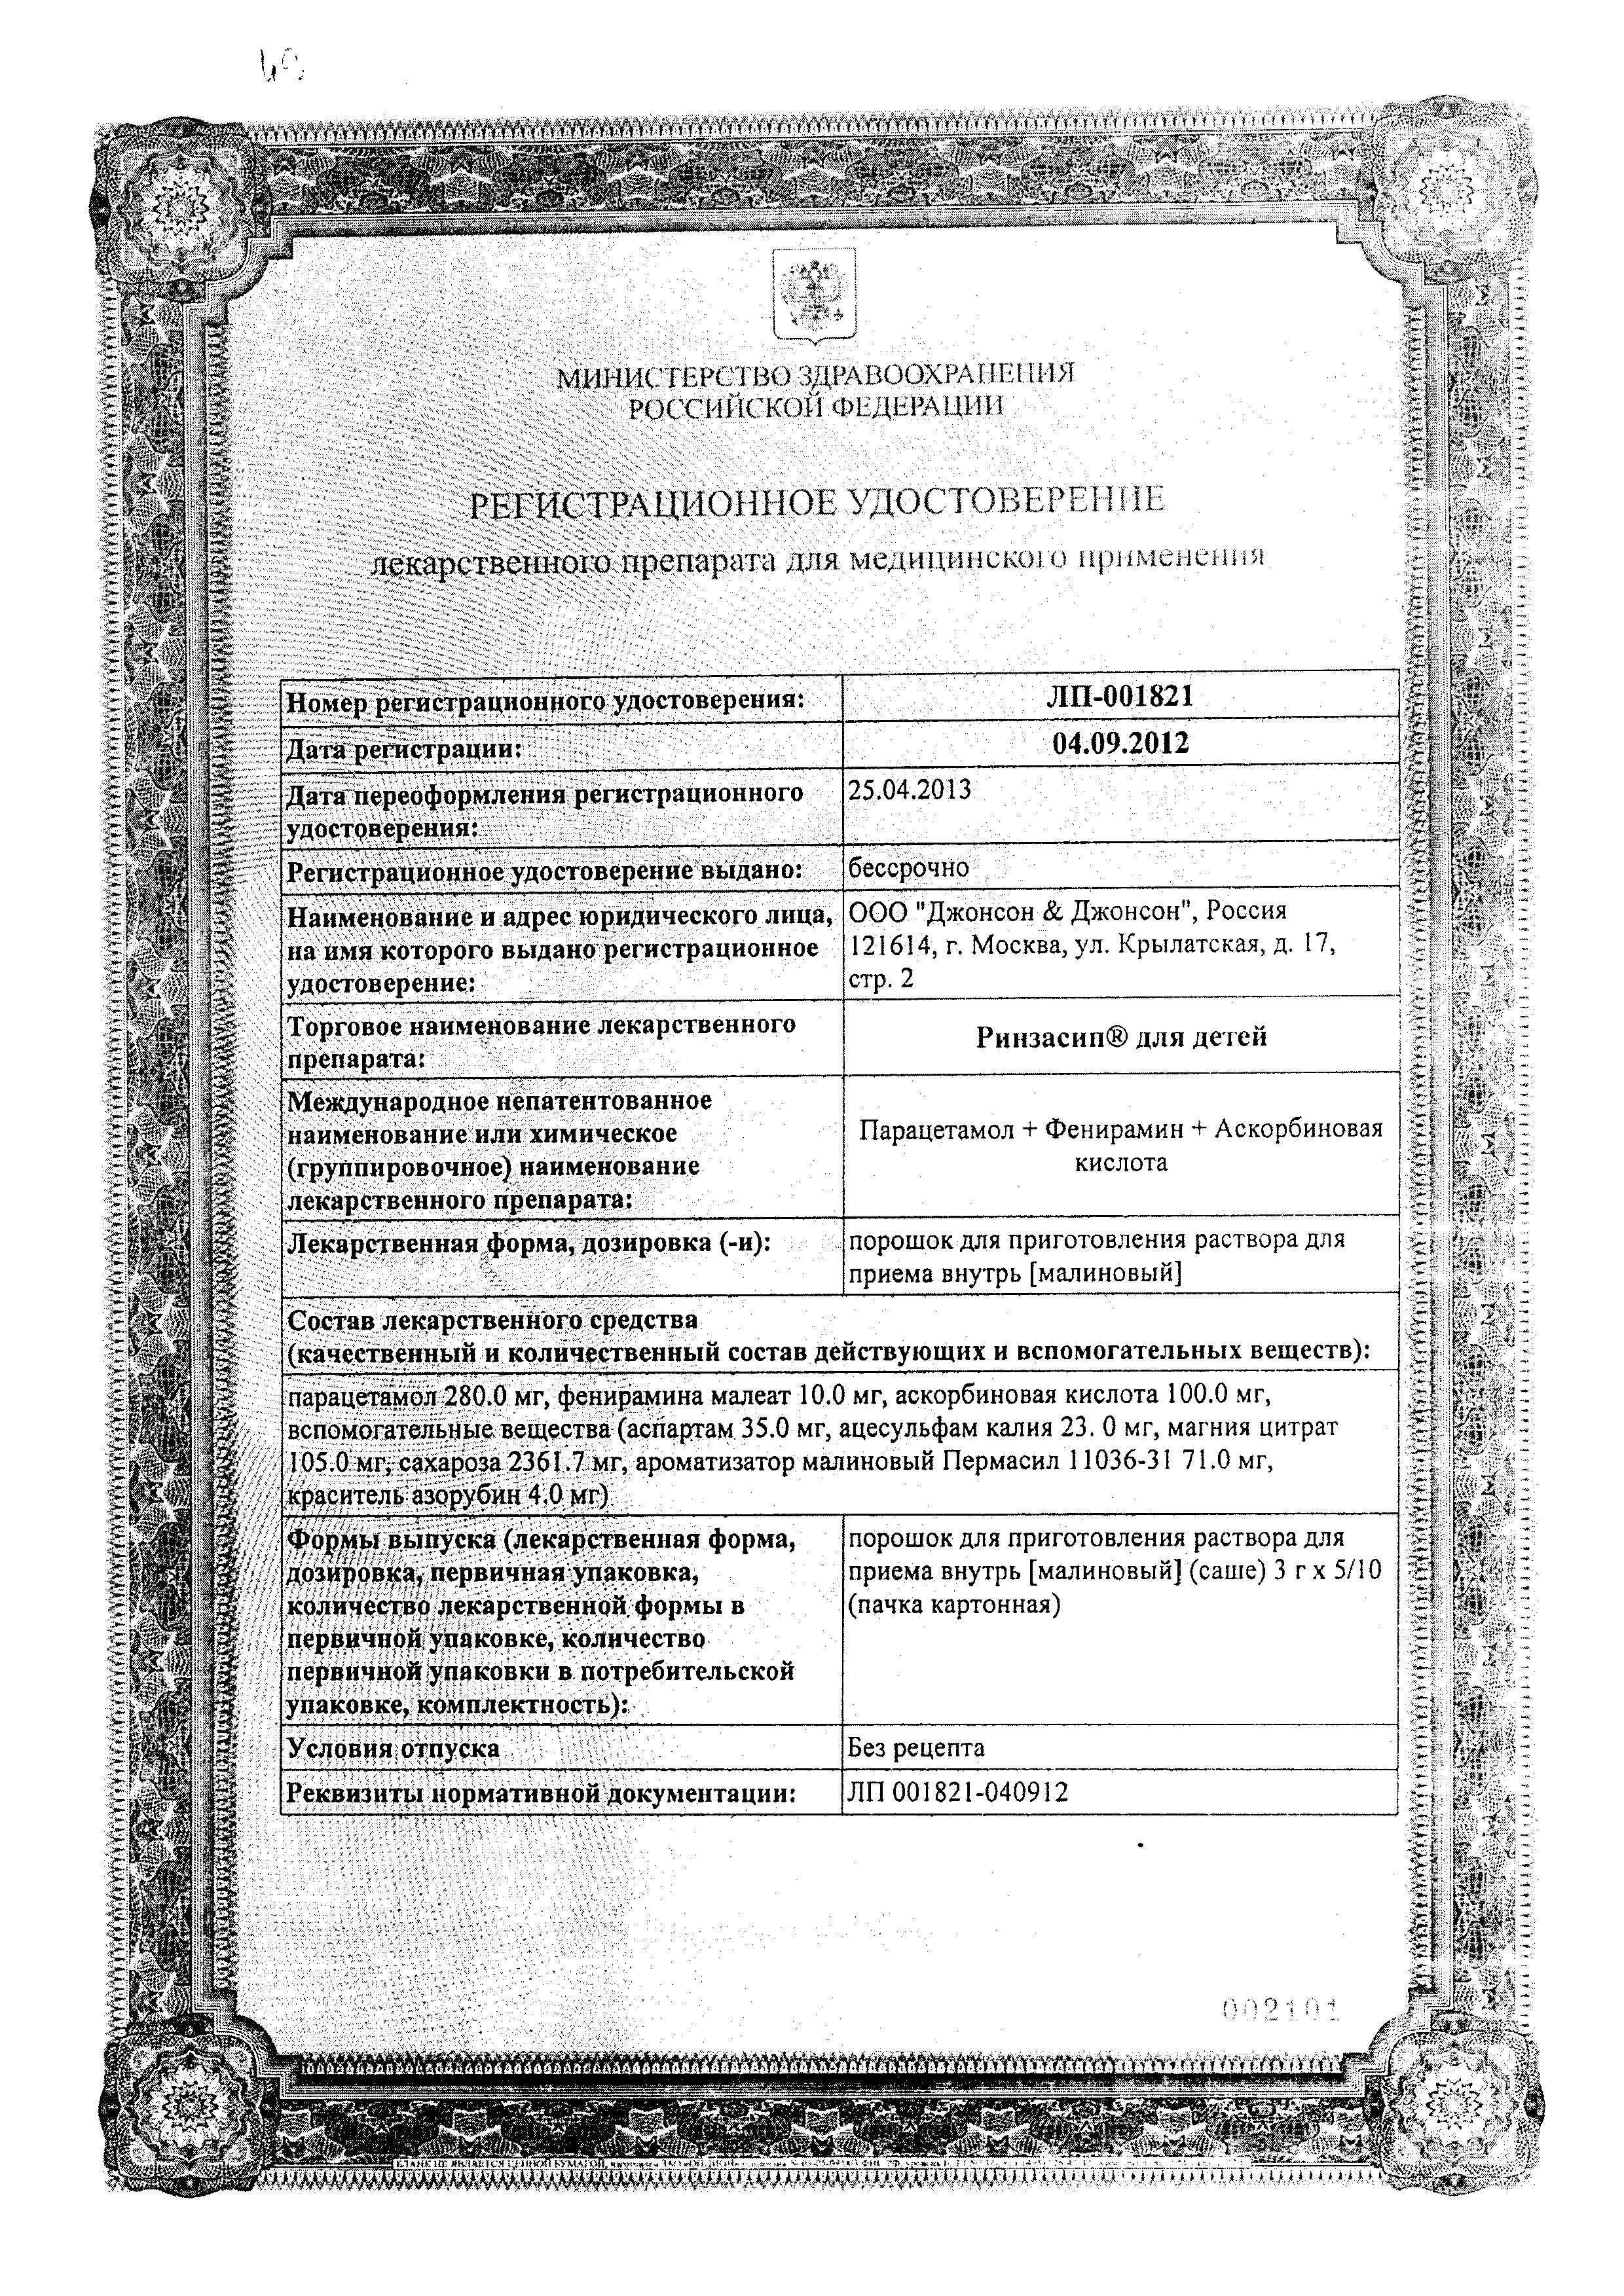 Ринзасип для детей сертификат